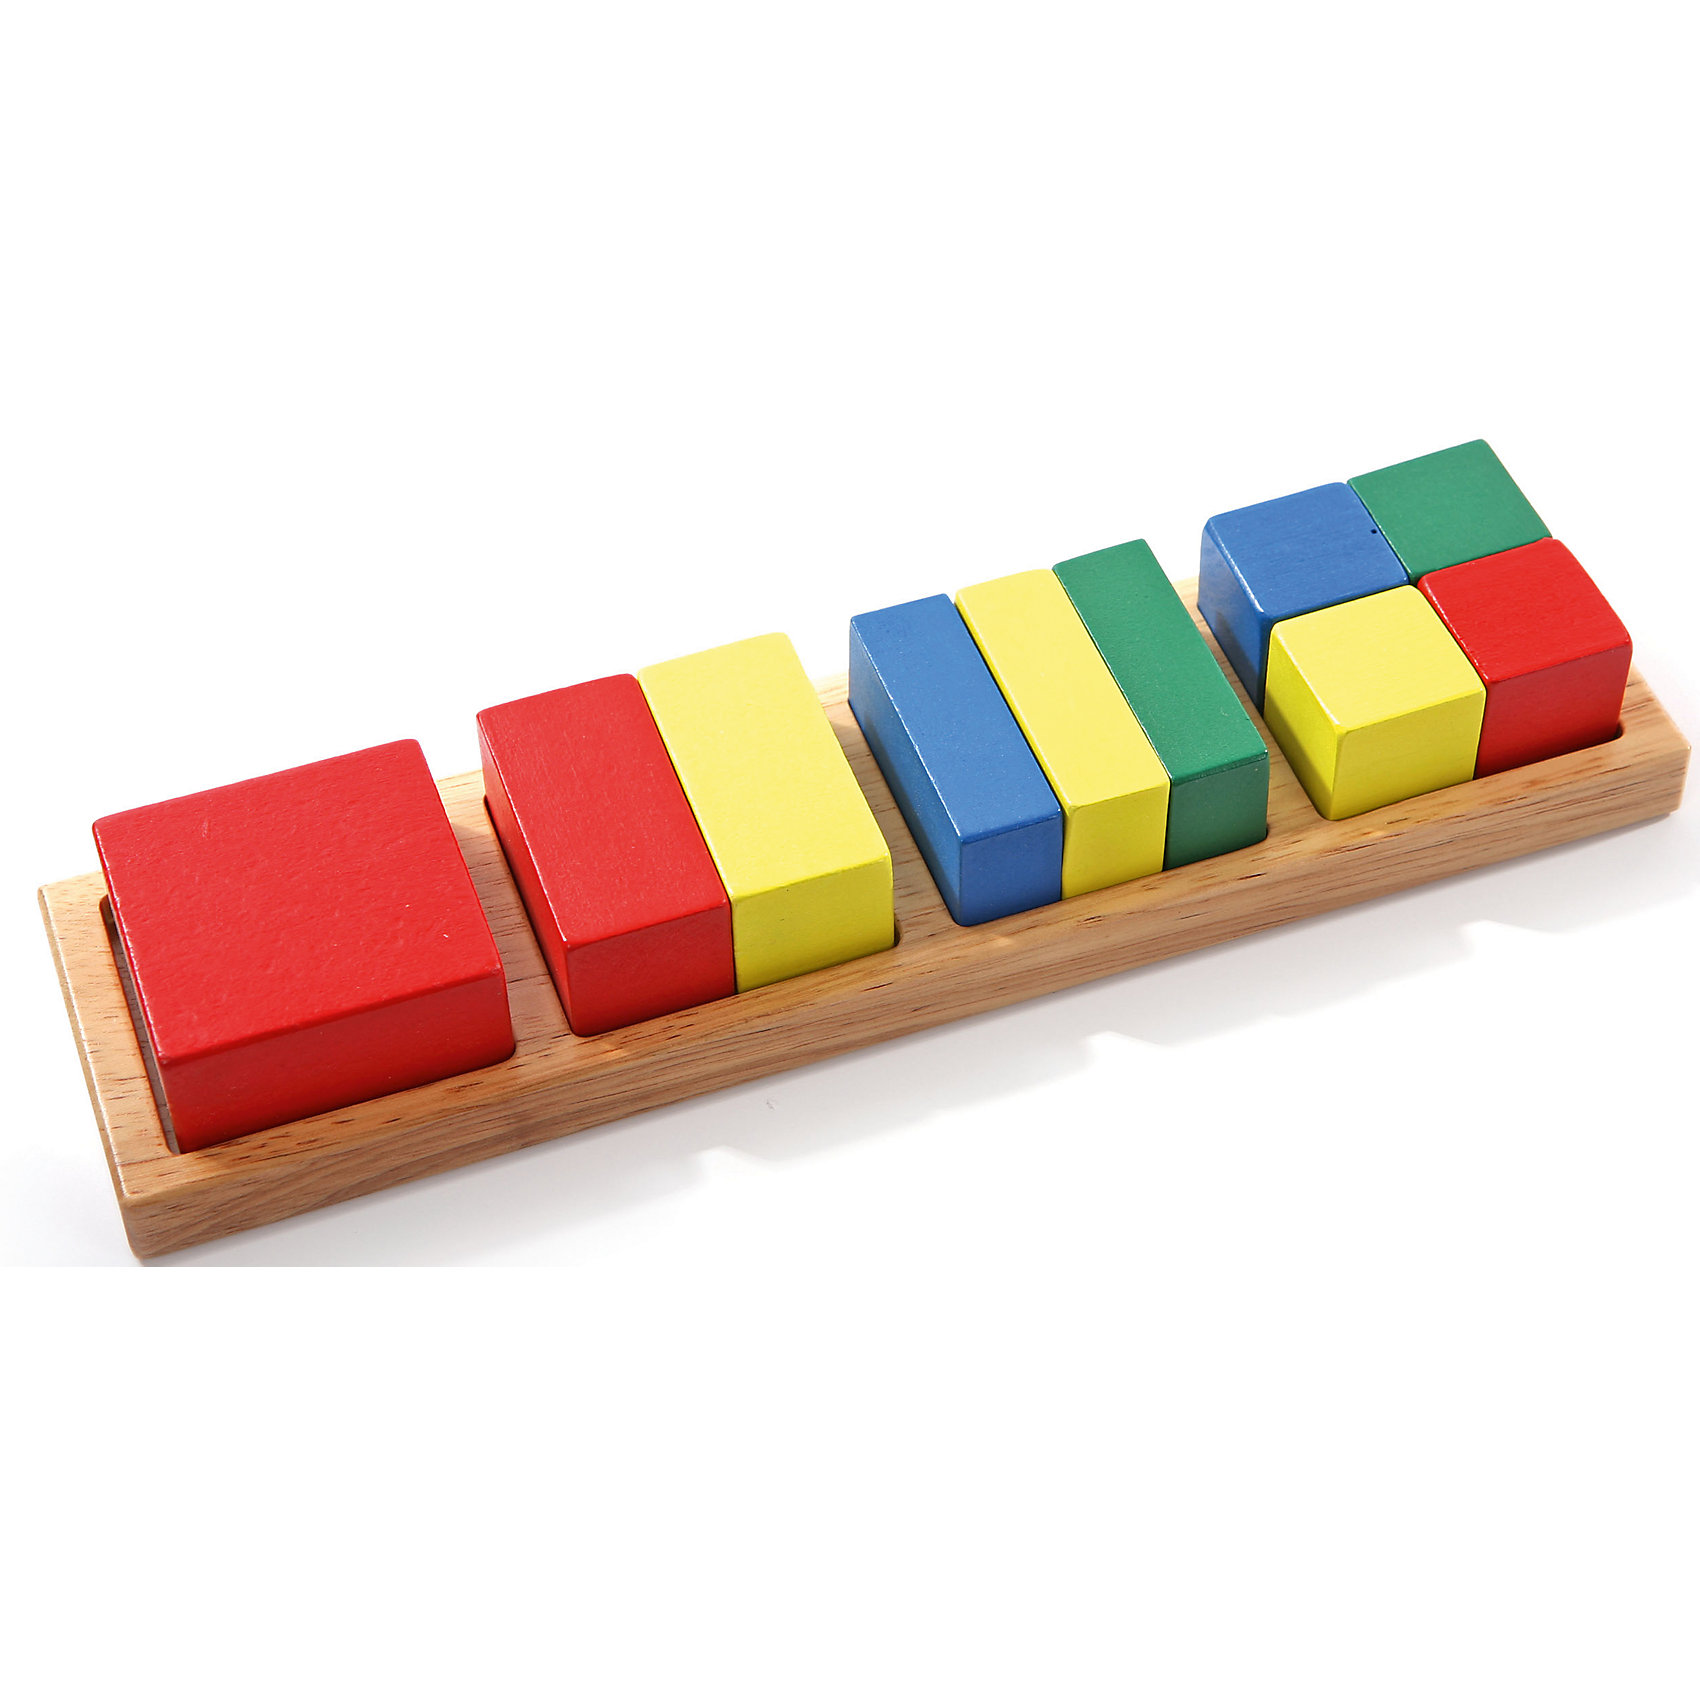 Дроби малые 2 (квадрат), Мир деревянных игрушекУчиться действиям с дробями можно, играя! Специально для самых маленьких разработаны сортеры, сделанные из приятного на ощупь дерева, тщательно обработанного и окрашенного. Вставляя части фигур в рамки, малыш будет запоминать действия с дробями, учиться соотносить фигуры, распознавать цвета, развивать пространственное мышление, память и мелкую моторику. Этот пазл произведен из качественных и безопасных для детей материалов.<br><br>Дополнительная информация:<br><br>цвет: разноцветный;<br>материал: дерево;<br>размер: 25 х 8 х 4 см.<br><br>Пазл Дроби малые 2 (квадрат) от бренда Мир деревянных игрушек можно купить в нашем магазине.<br><br>Ширина мм: 250<br>Глубина мм: 70<br>Высота мм: 35<br>Вес г: 500<br>Возраст от месяцев: 36<br>Возраст до месяцев: 144<br>Пол: Унисекс<br>Возраст: Детский<br>SKU: 4969263